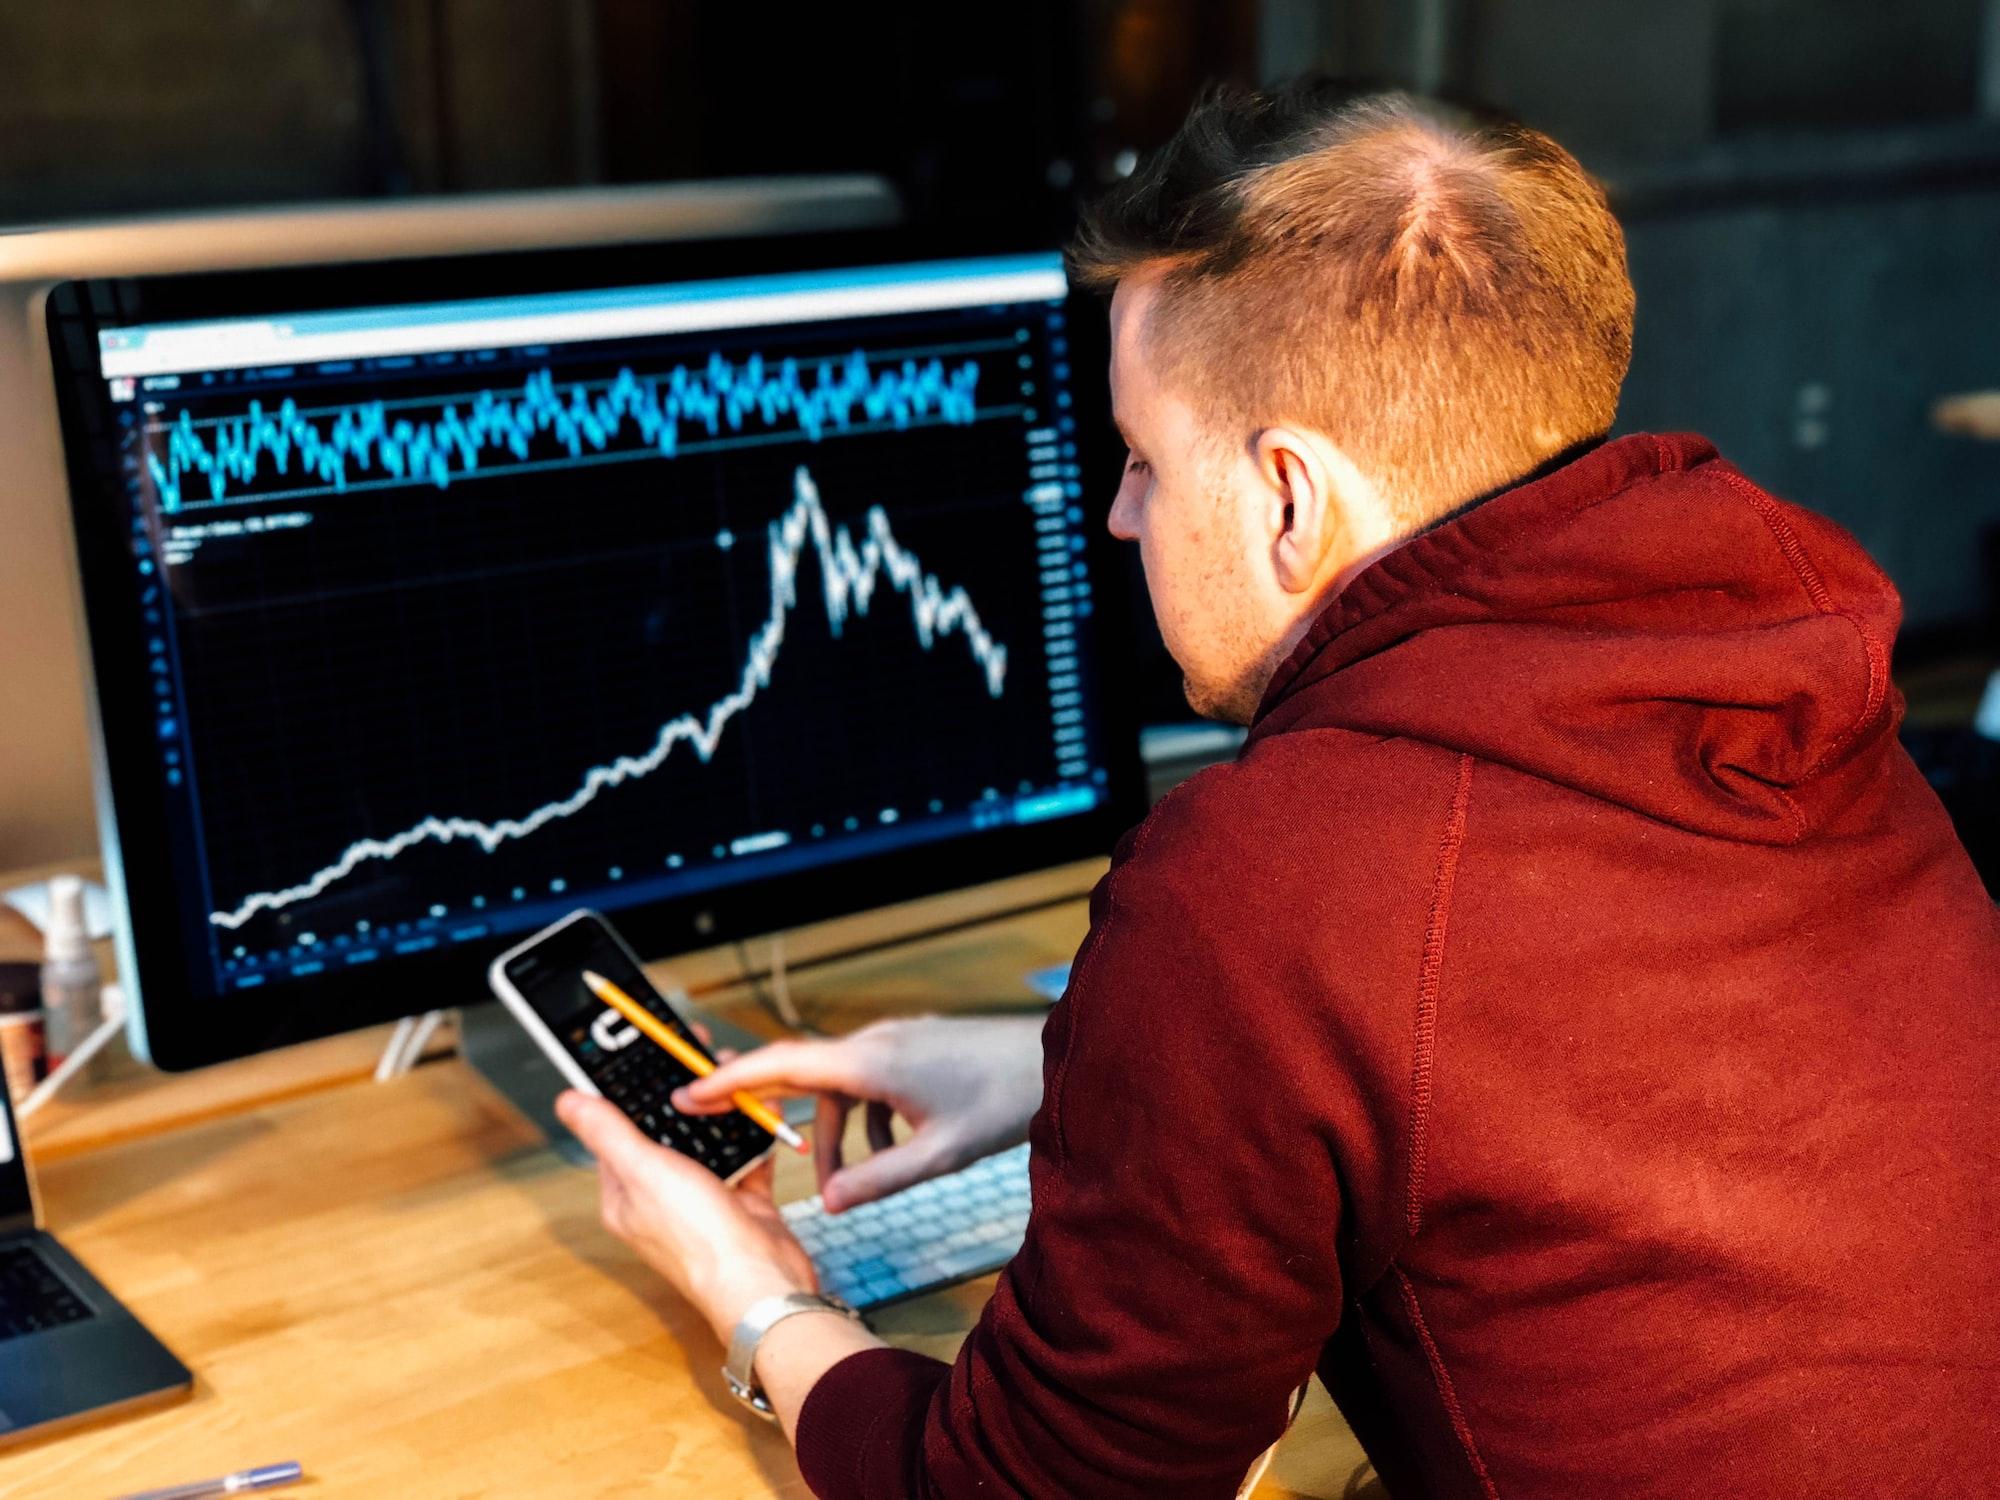 CS:GO Trading vs. CS:GO Investing